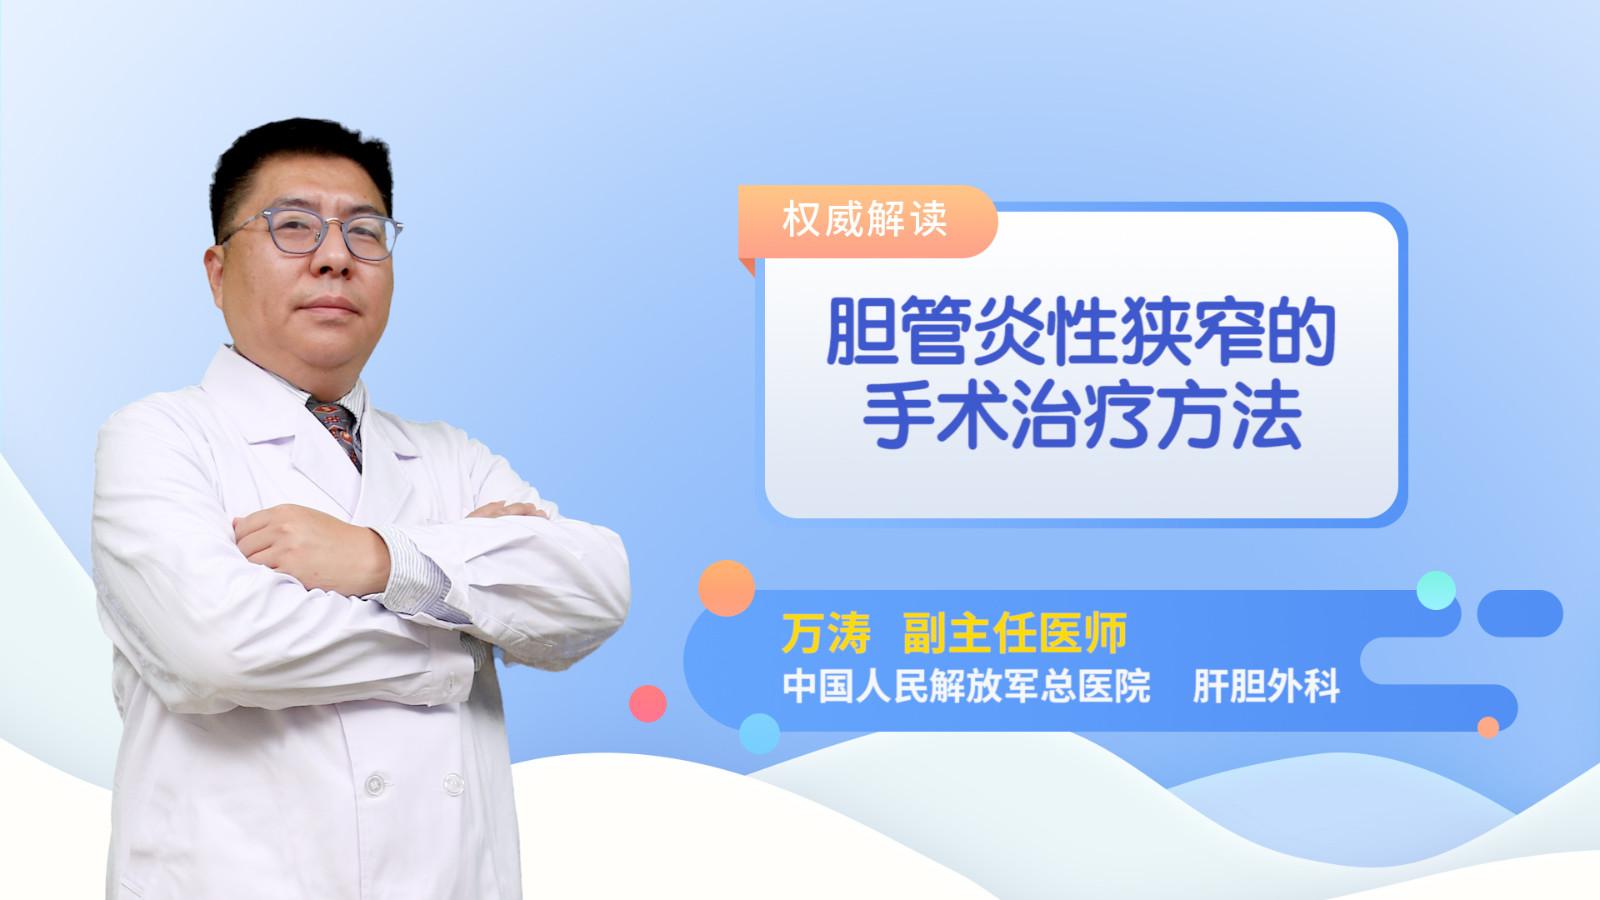 胆管炎性狭窄的手术治疗方法